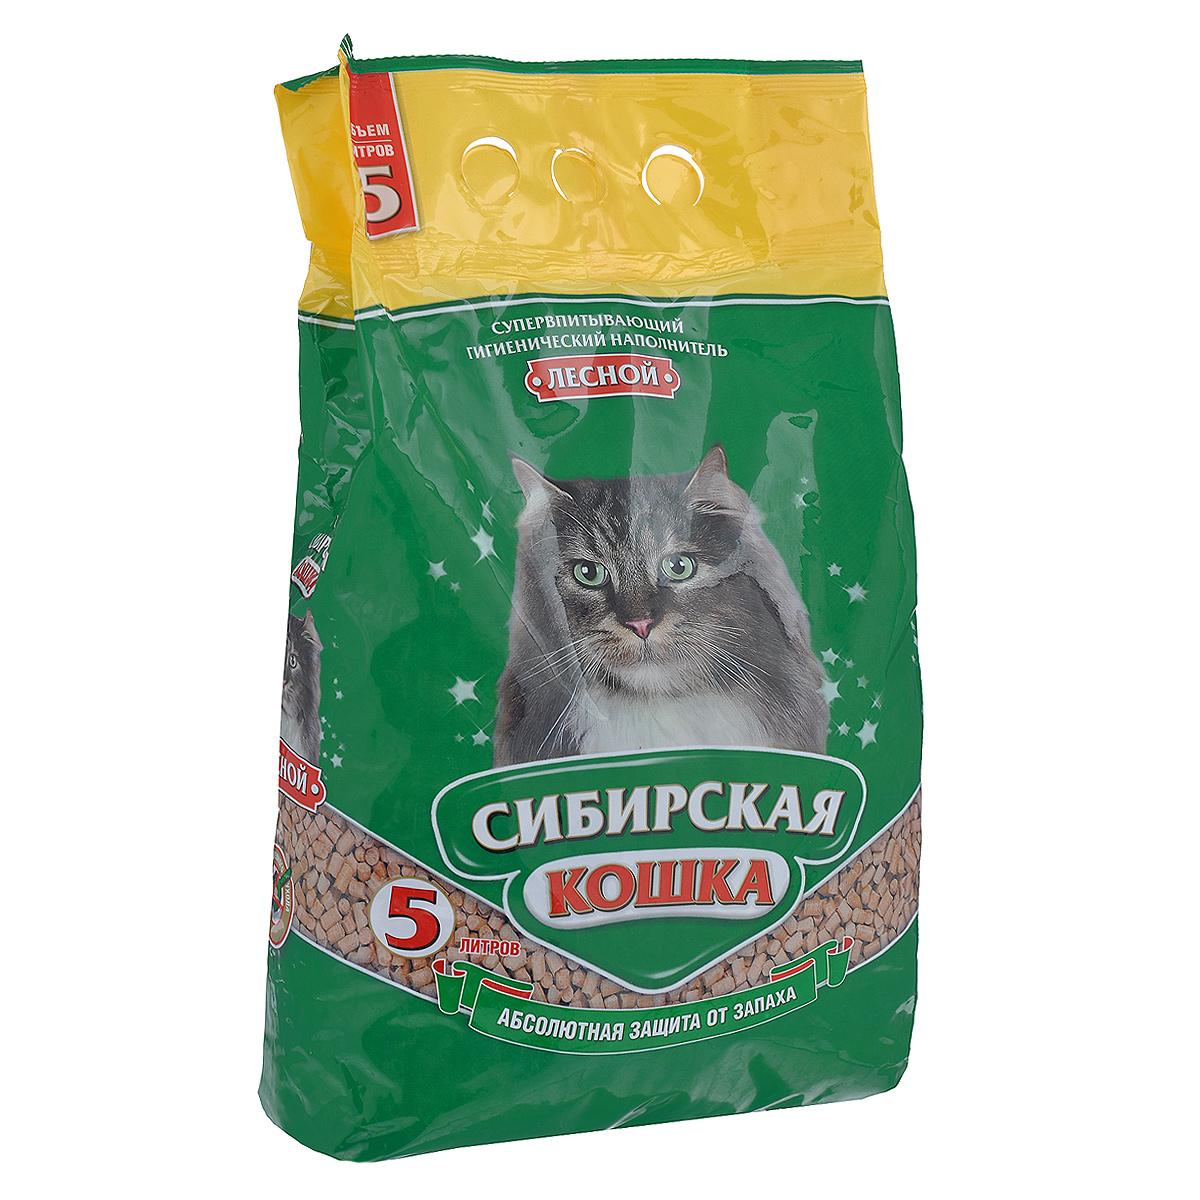 Наполнитель для кошачьих туалетов Сибирская Кошка Лесной, древесный, 5 л наполнитель для кошачьих туалетов кошкин секрет древесный 2 5 кг